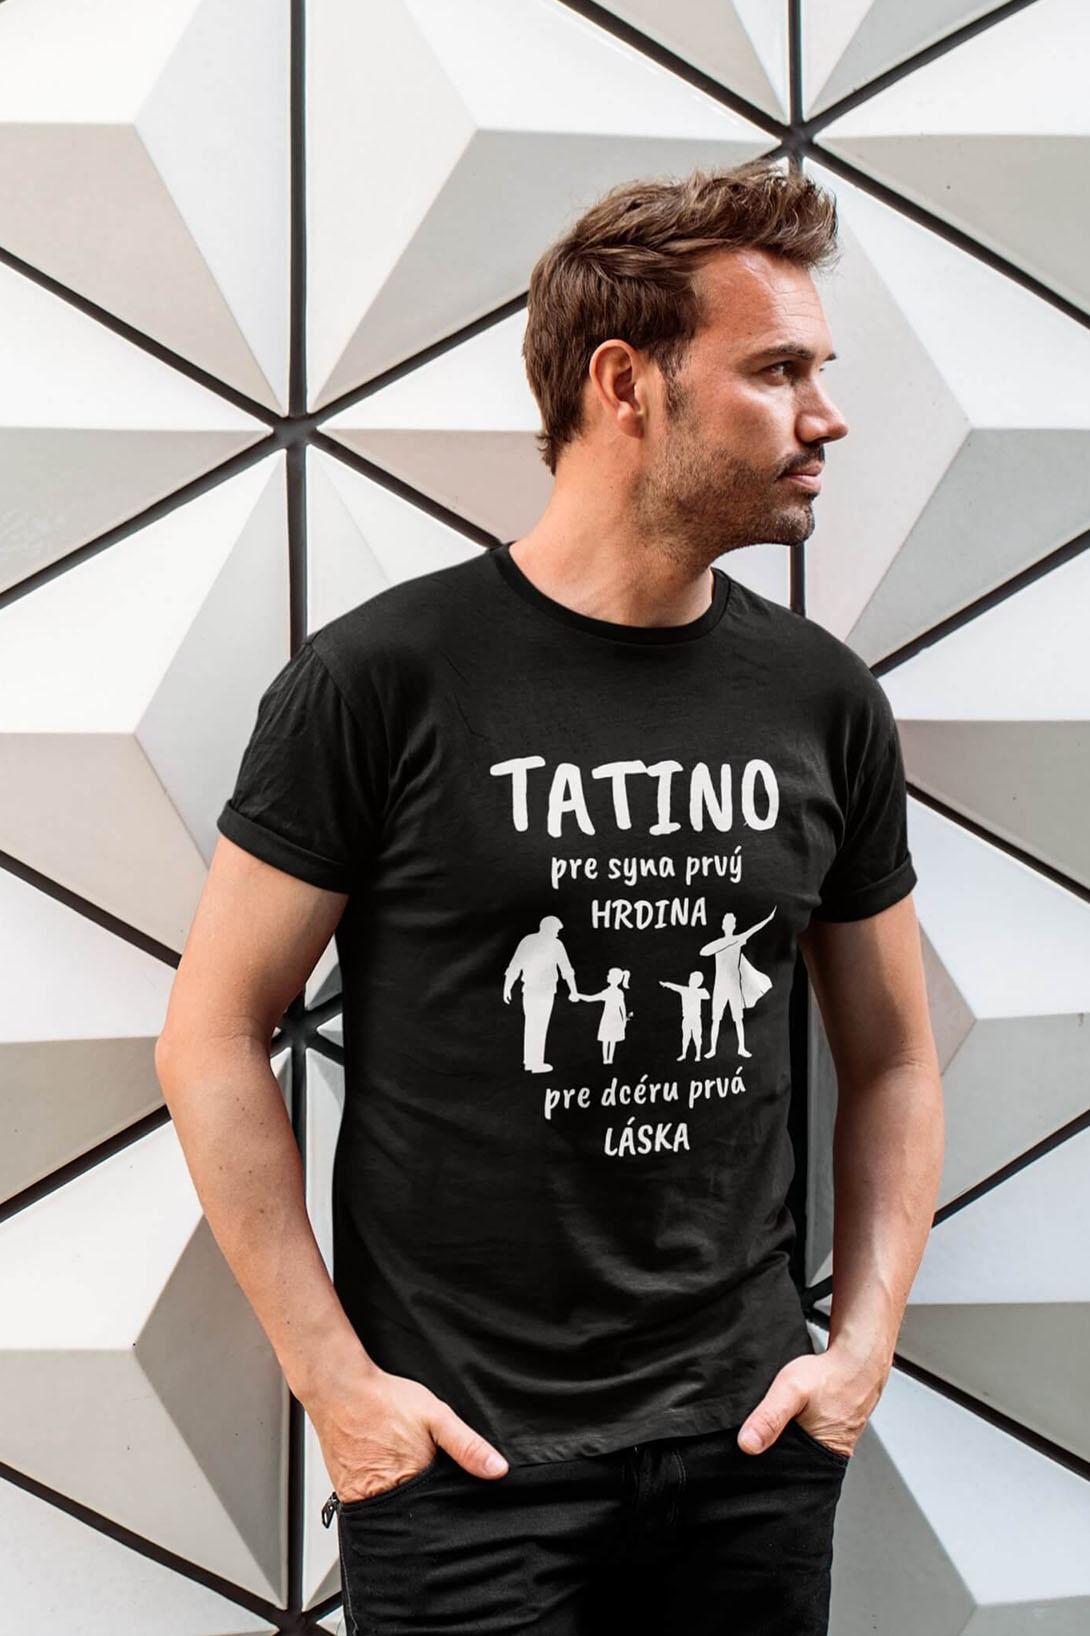 MMO Pánske tričko Tatino Vyberte farbu: Military, Vyberte veľkosť: XS